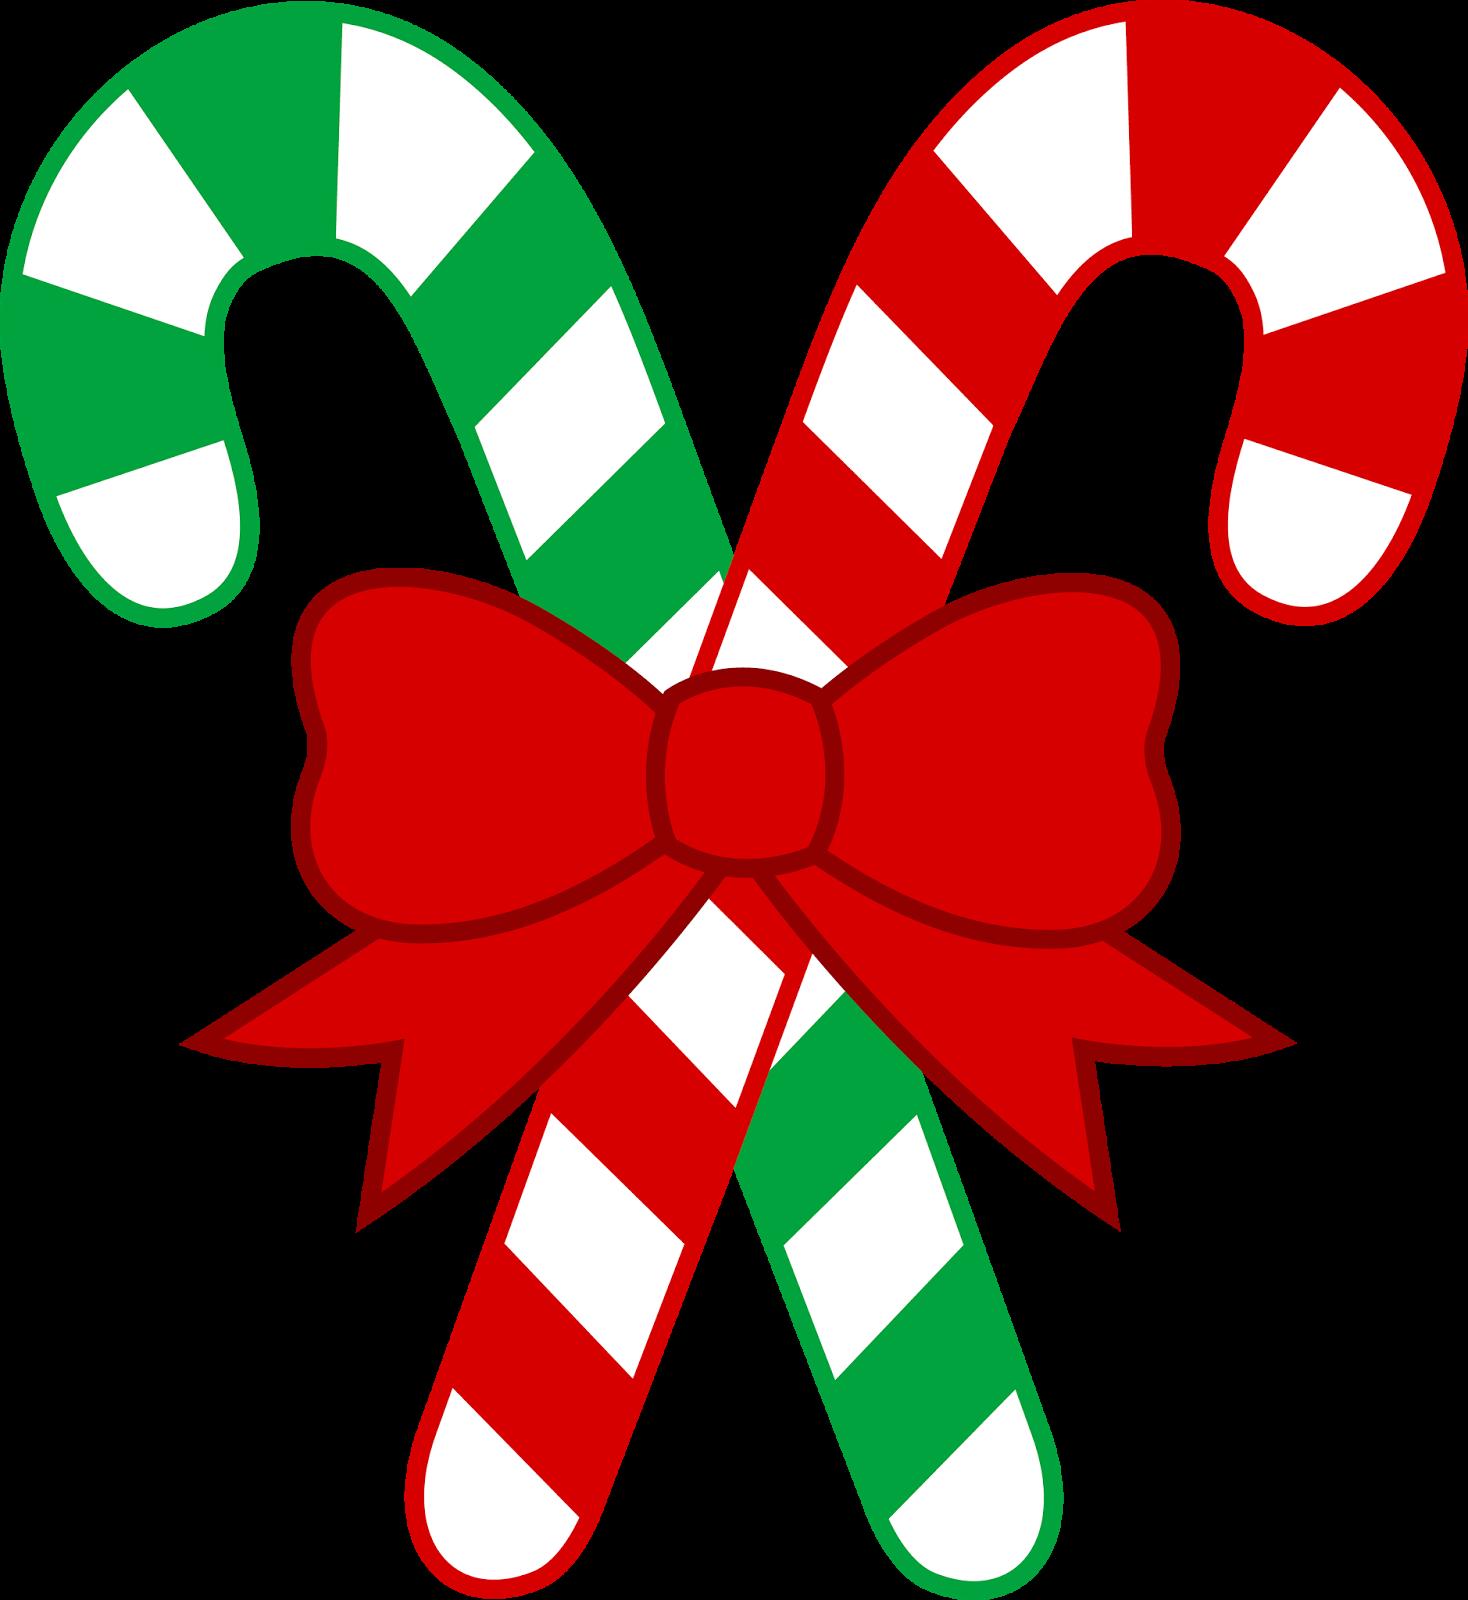 Happy holidays clip art free 2-Happy holidays clip art free 2-7